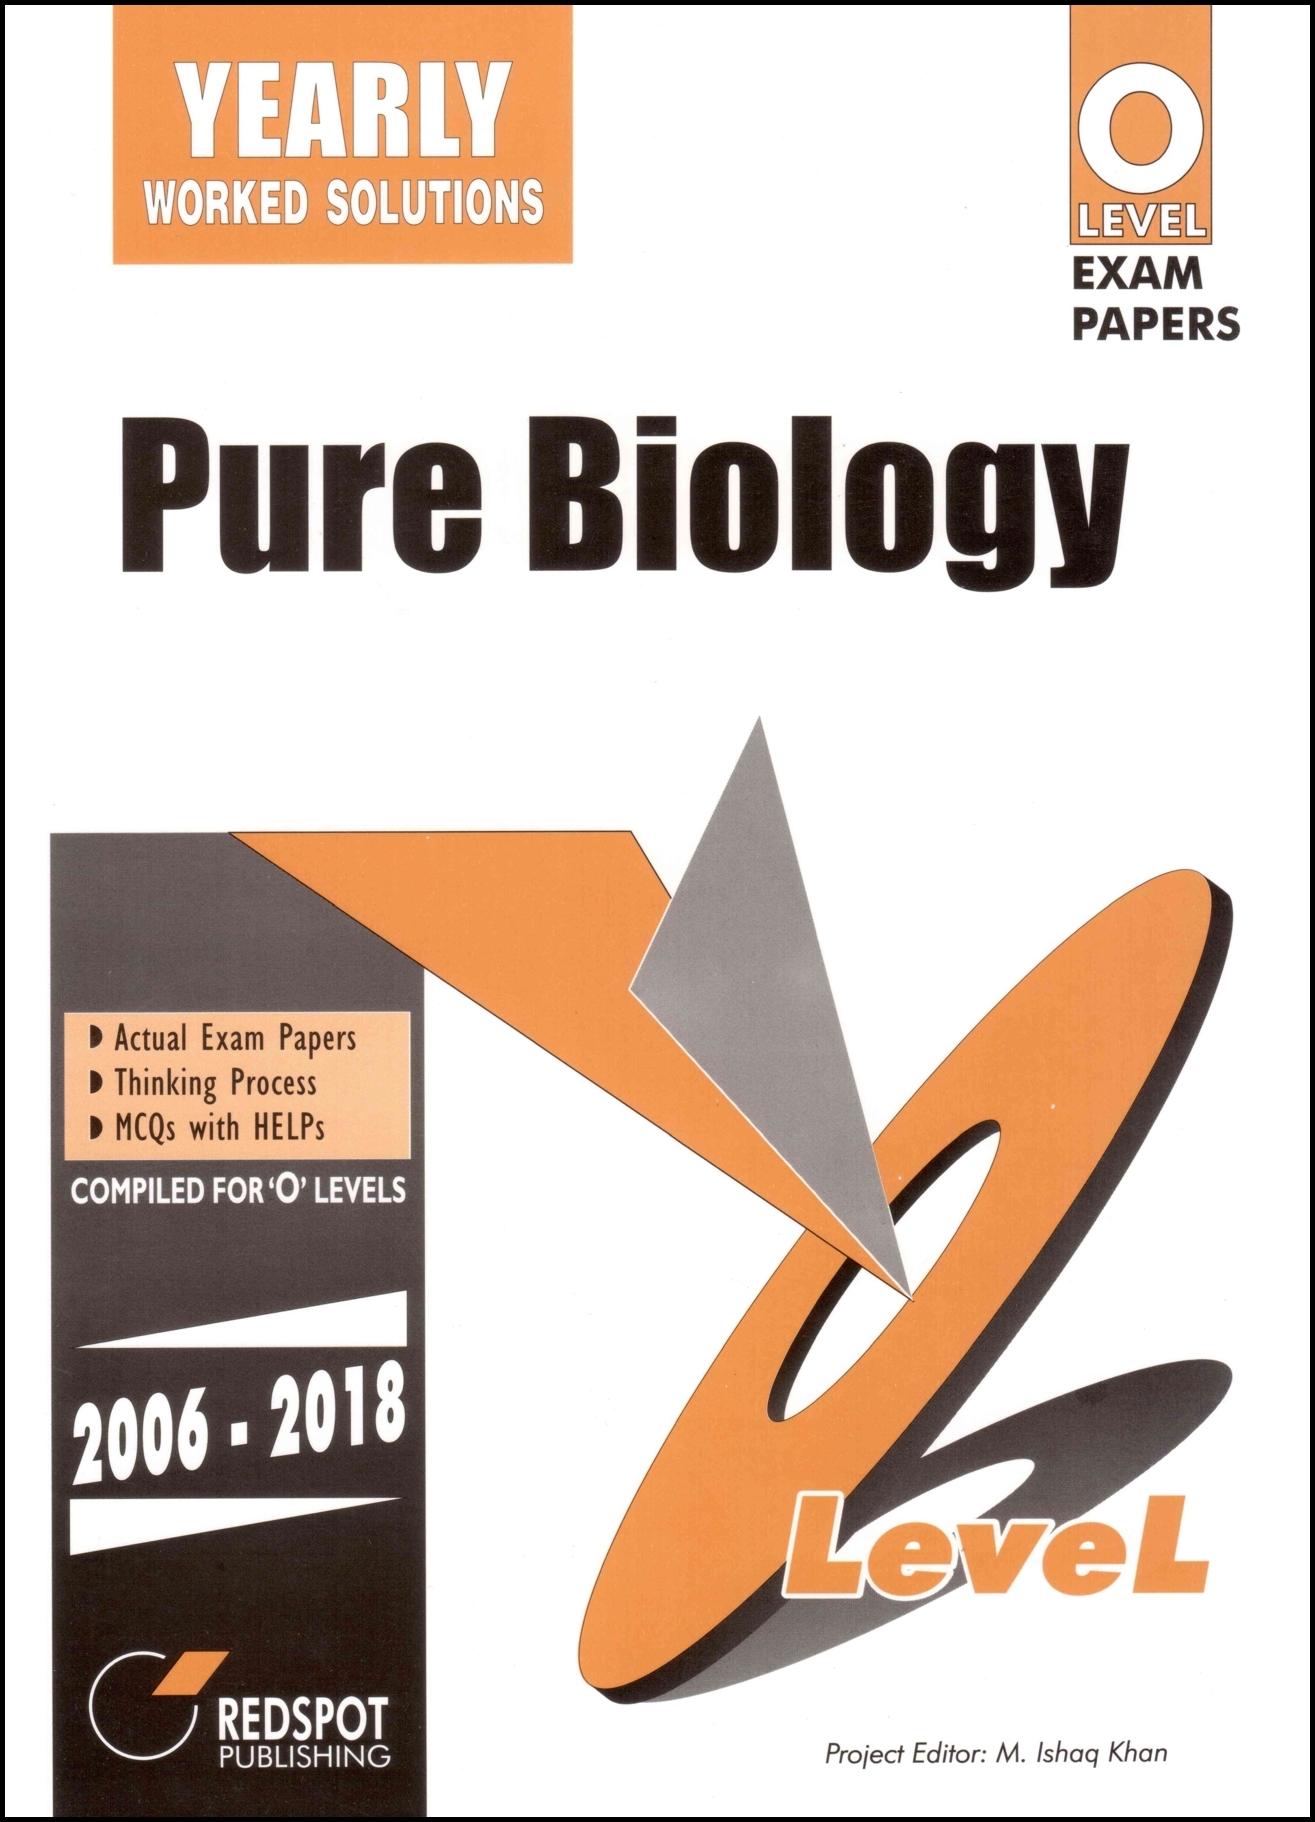 O Level Pure Biology (Yearly) - Redspot